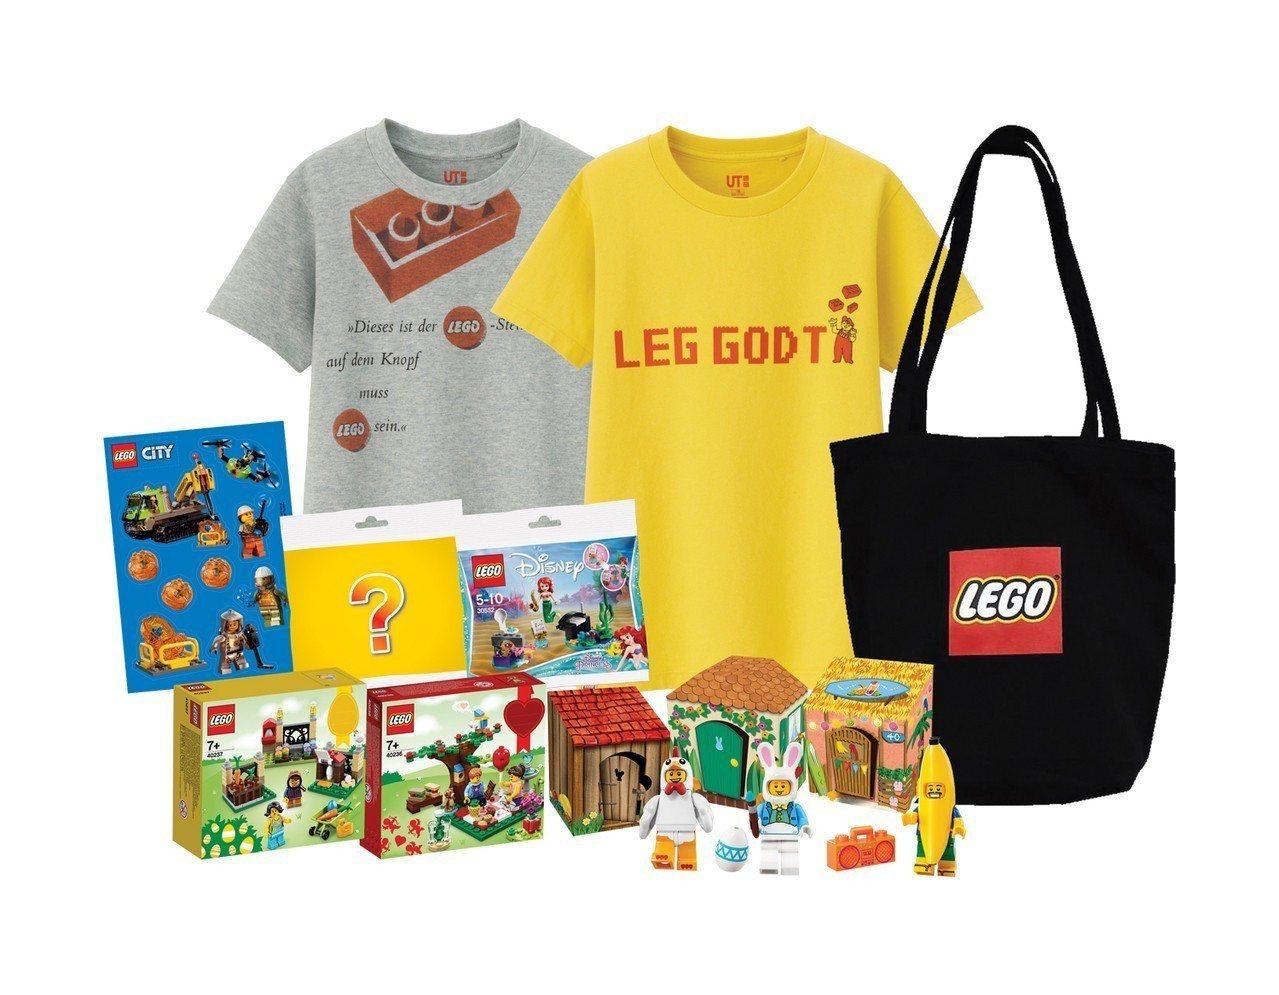 歡慶兒童節到來,3月29日起至4月19日止,門市消費滿1,600元即贈兒童節驚喜...